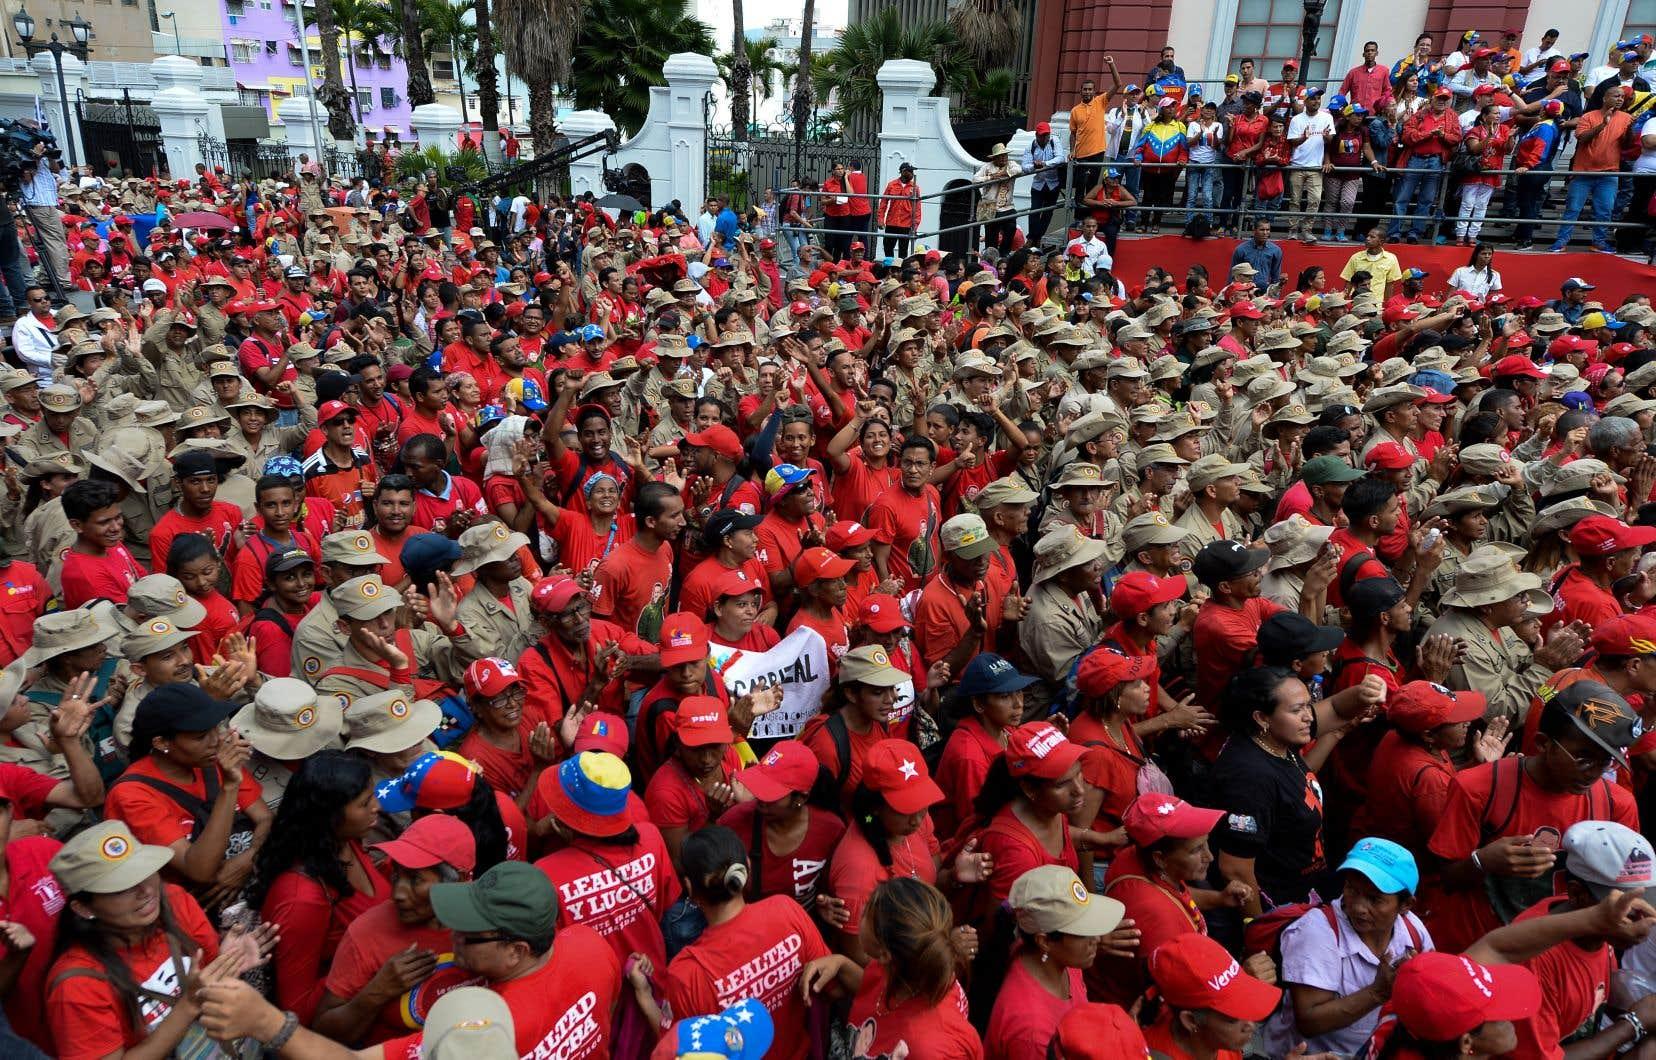 Une marée rouge de partisans du gouvernement avec des portraits du chef de l'État a défilé lundi en fin de journée jusqu'au palais présidentiel de Miraflores.